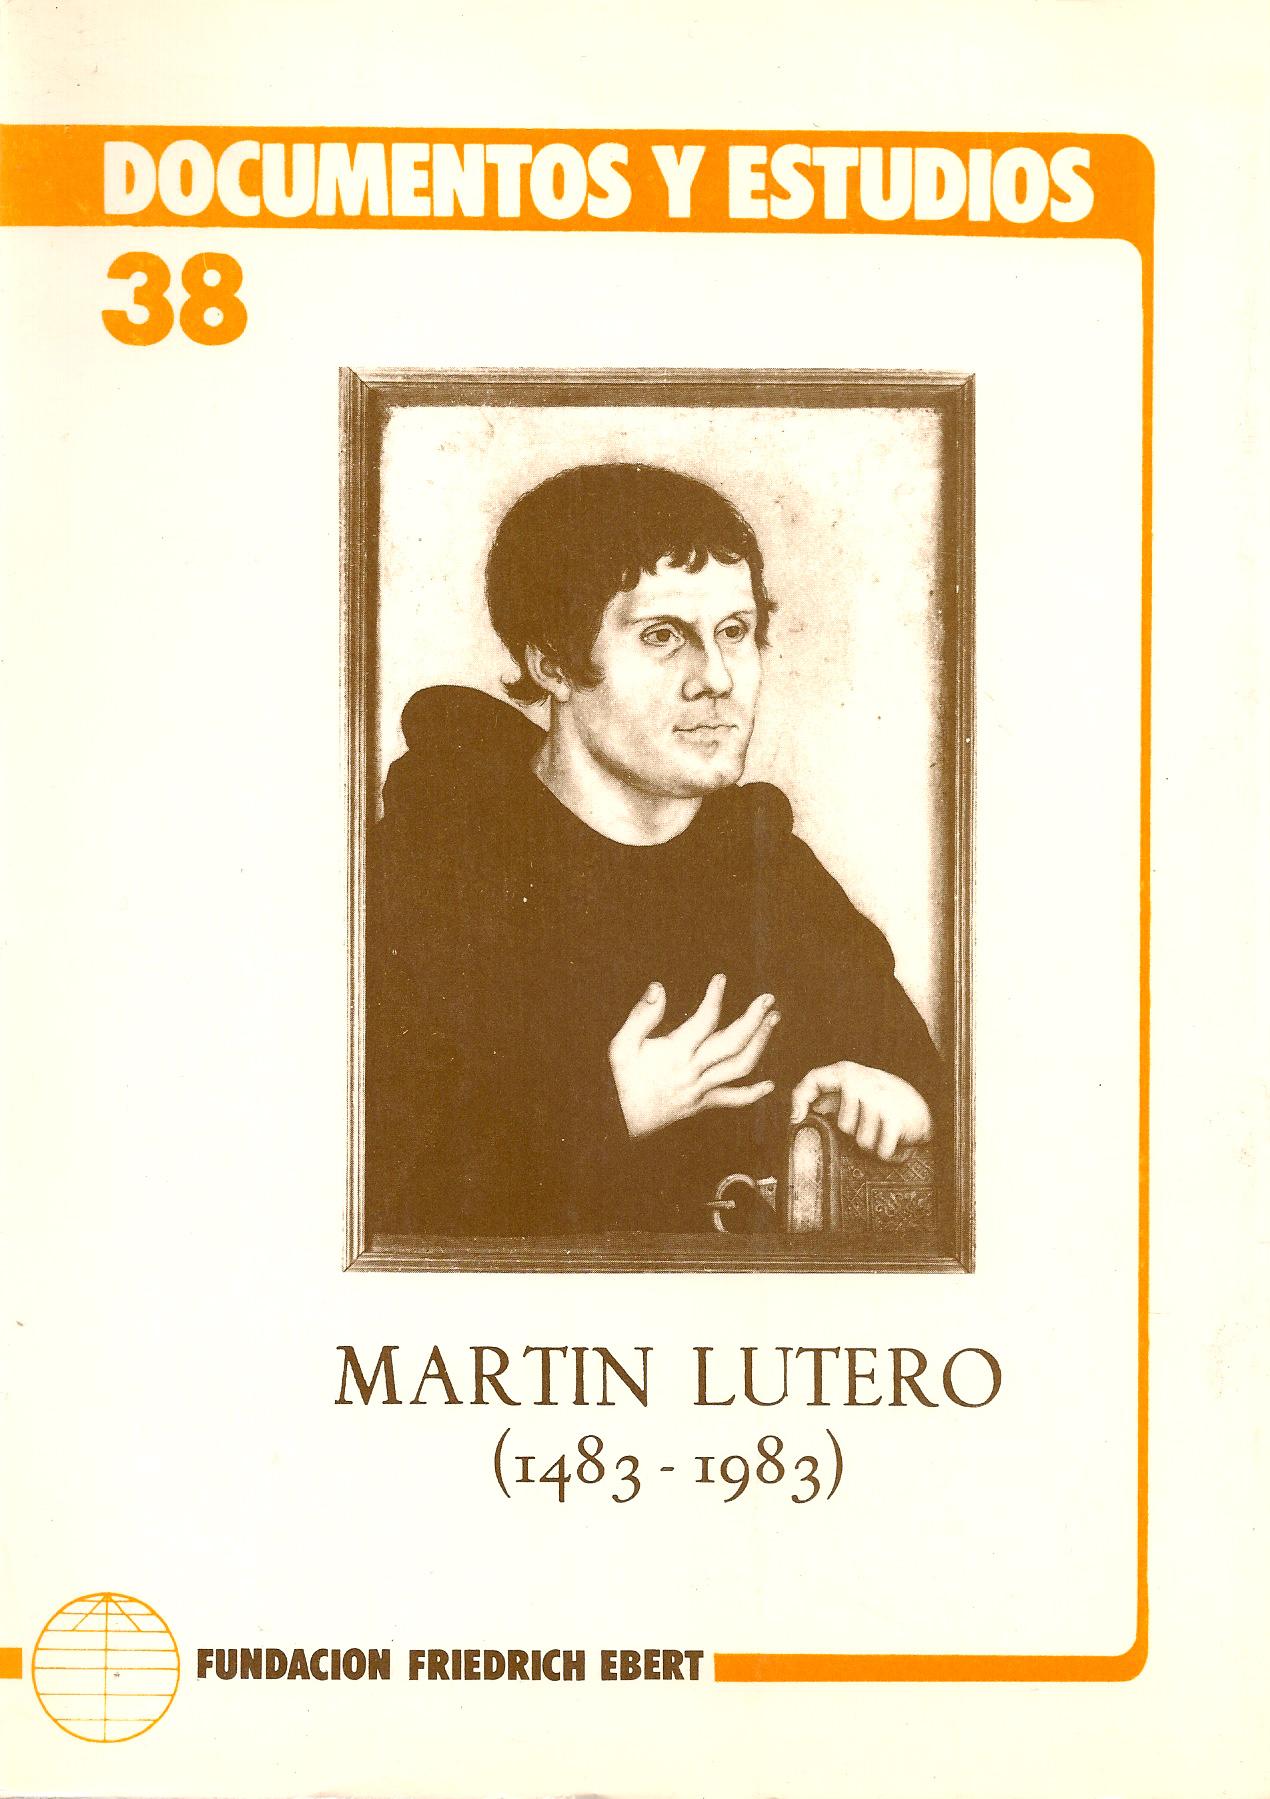 Martín Lutero, 1483-1983